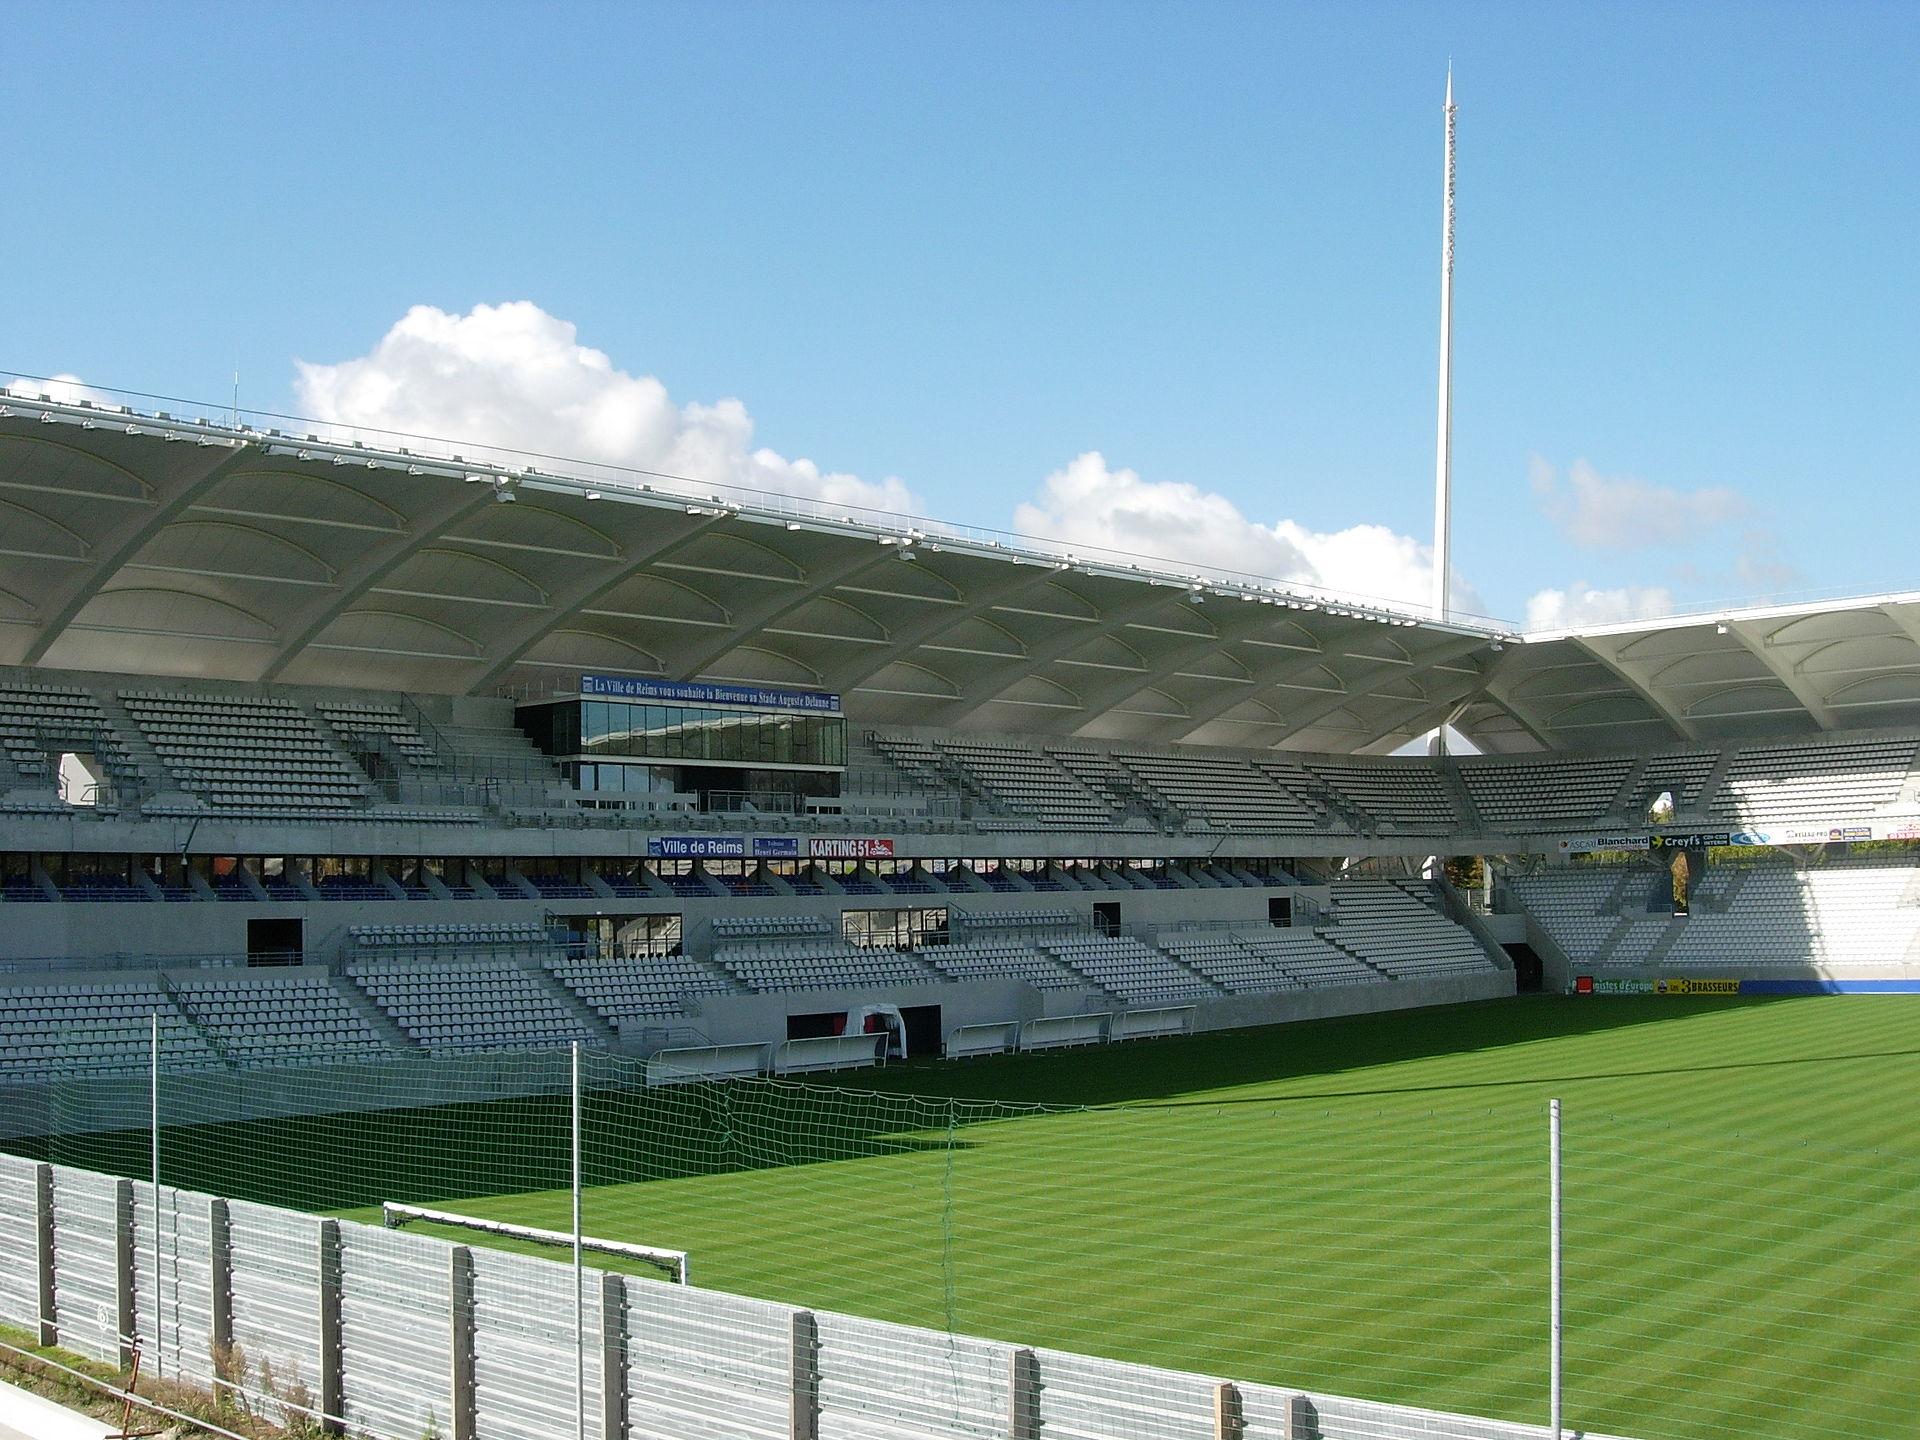 Stade auguste delaune wikipedia - Piscine olympique reims ...